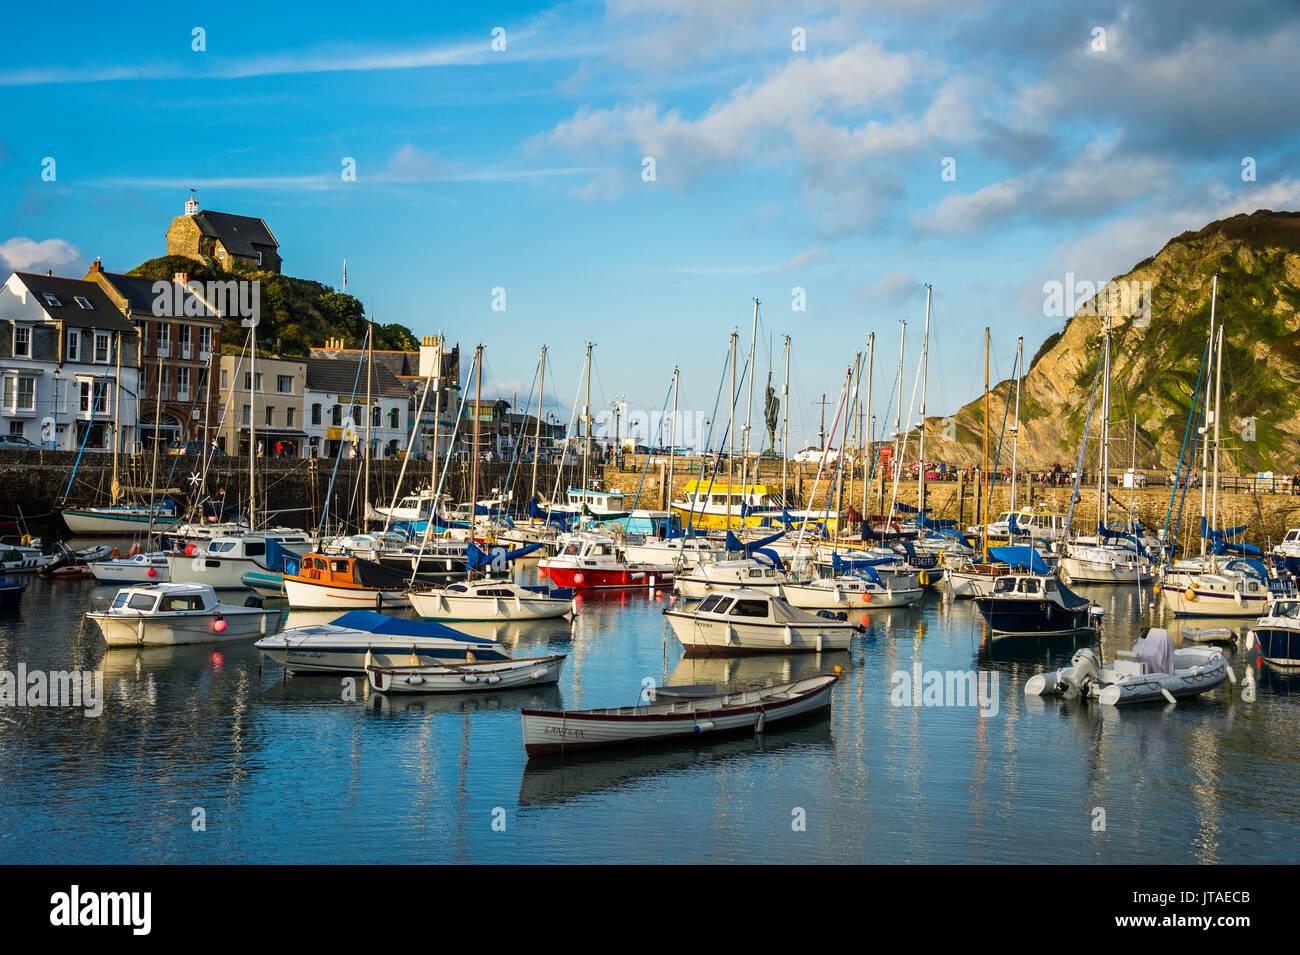 Boat Harbour di Ifracombe, North Devon, Inghilterra, Regno Unito, Europa Immagini Stock